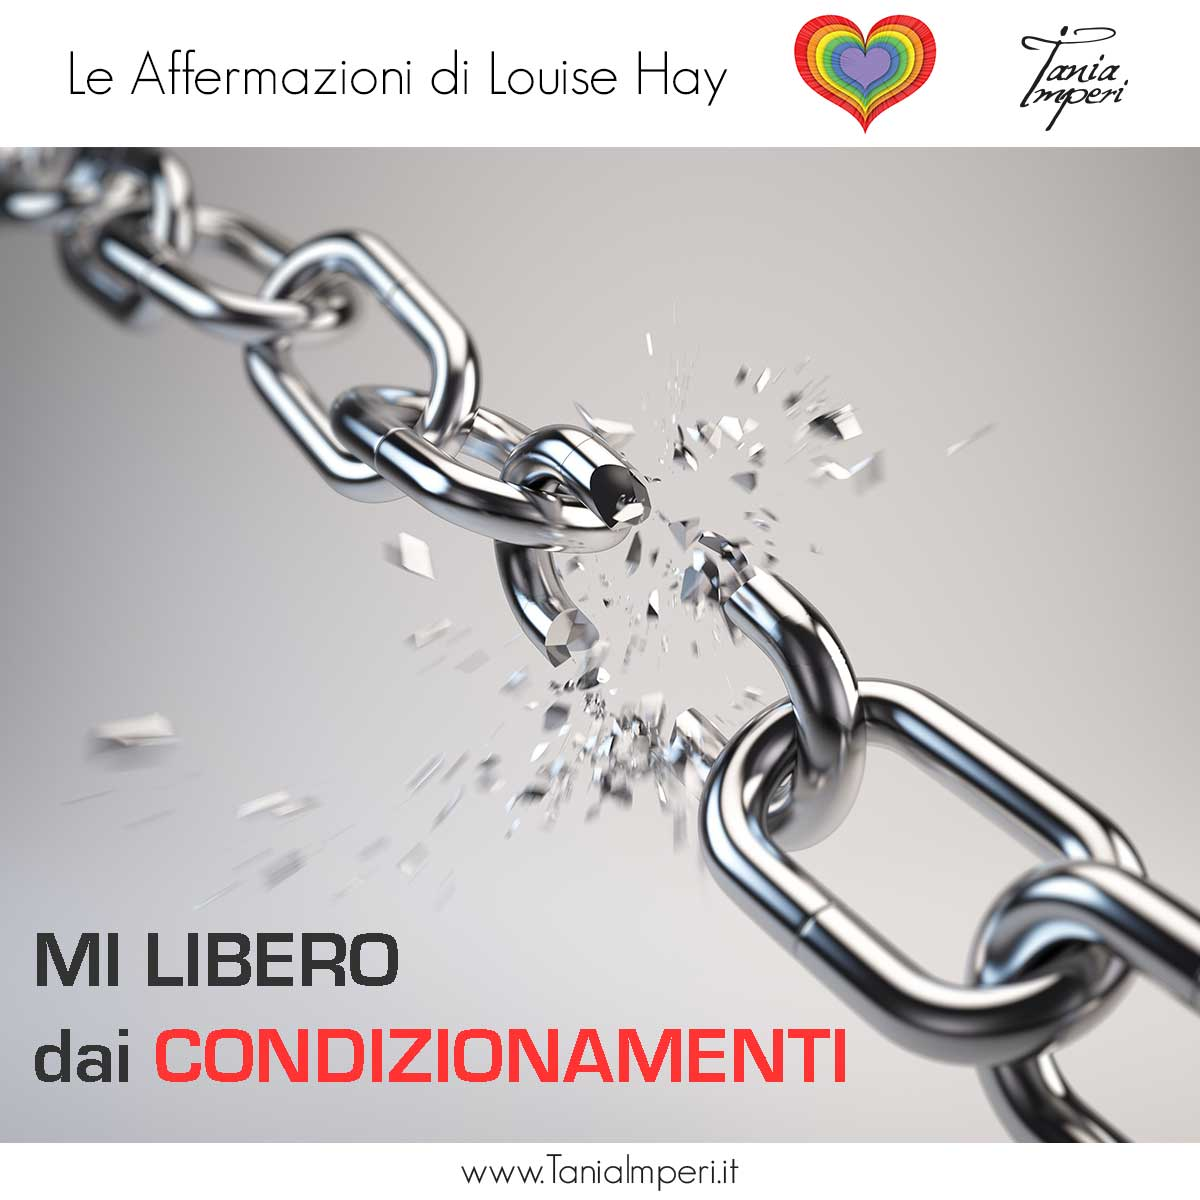 AFFERMAZIONI-DI-LOUISE-HAY-19-MI-LIBERO-DAI-CONDIZIONAMENTI-09MAG2016